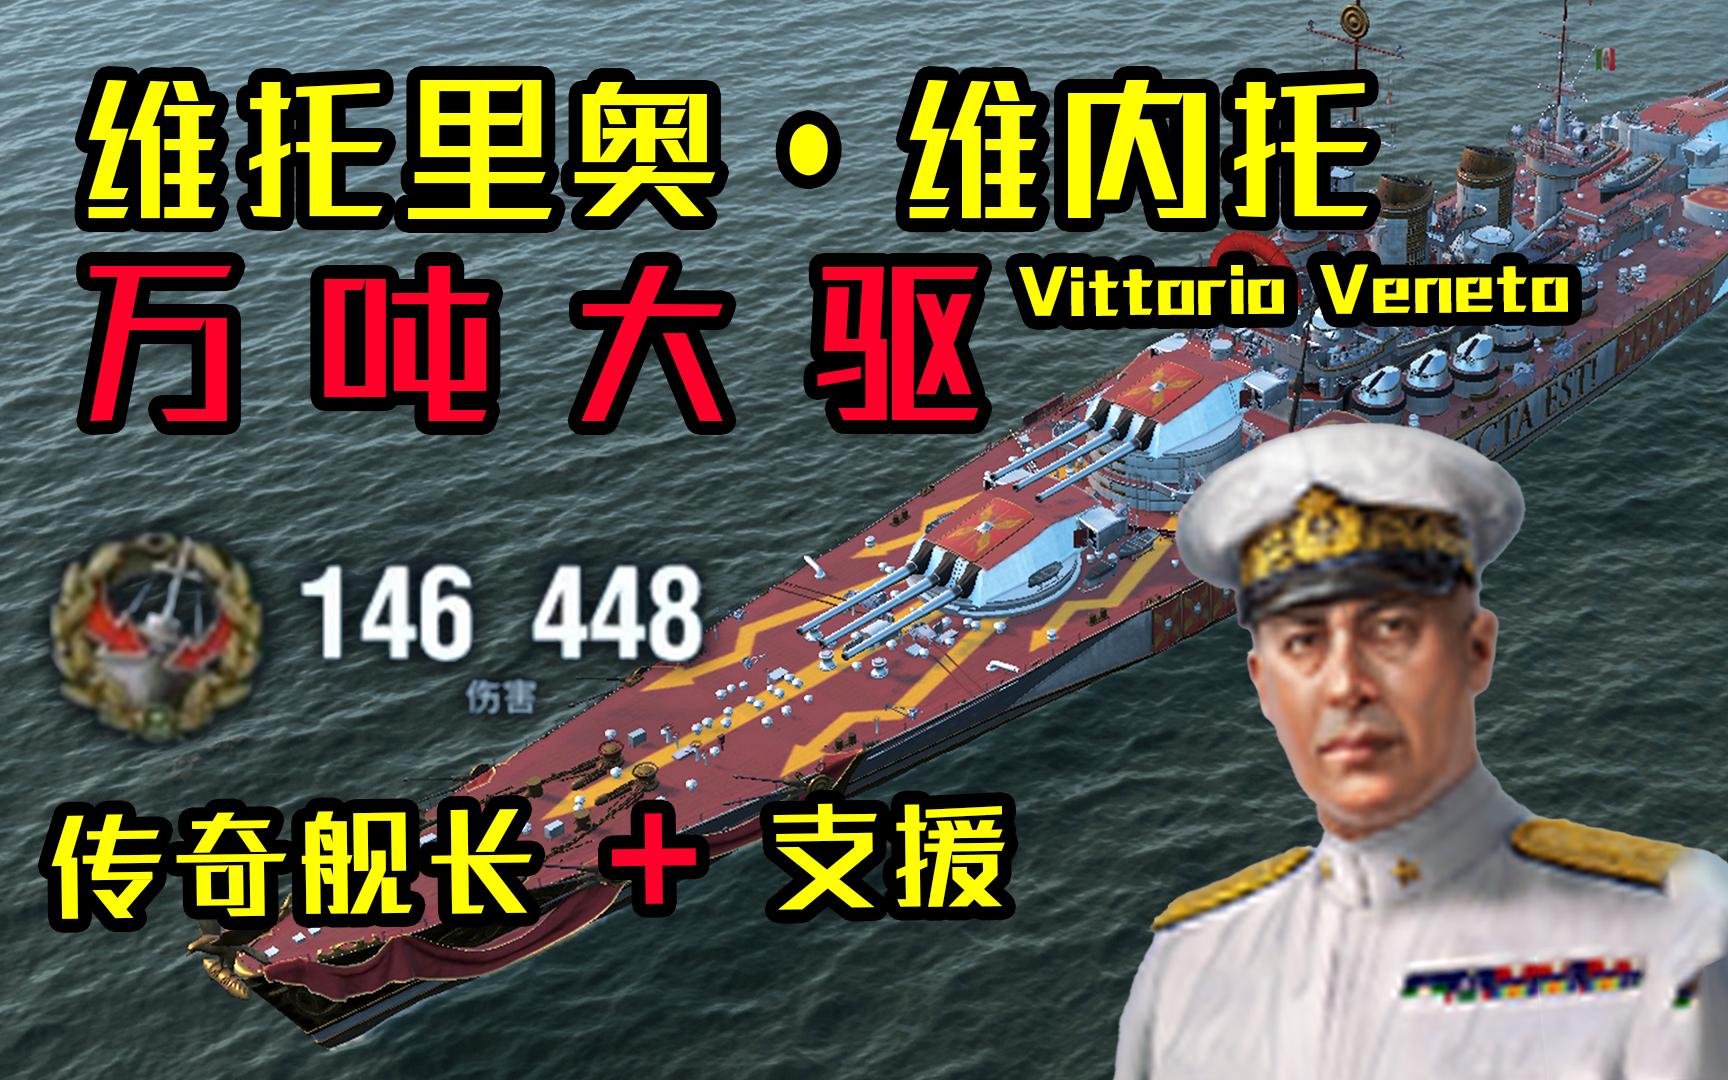 【独家/战舰世界】这 就 是 意 战!传奇舰长+支援!八级意战维托里奥·维内托14万伤害【QPC】